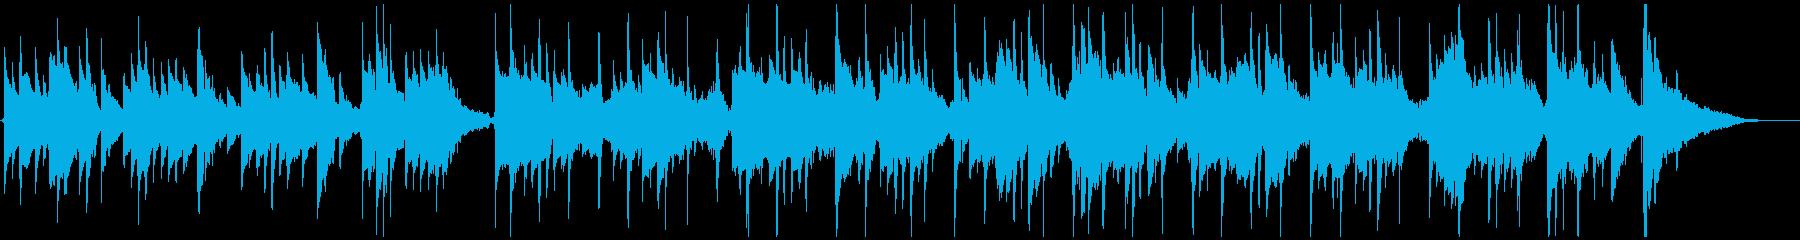 アコギとヴァイオリンの悲しげで神秘的な曲の再生済みの波形